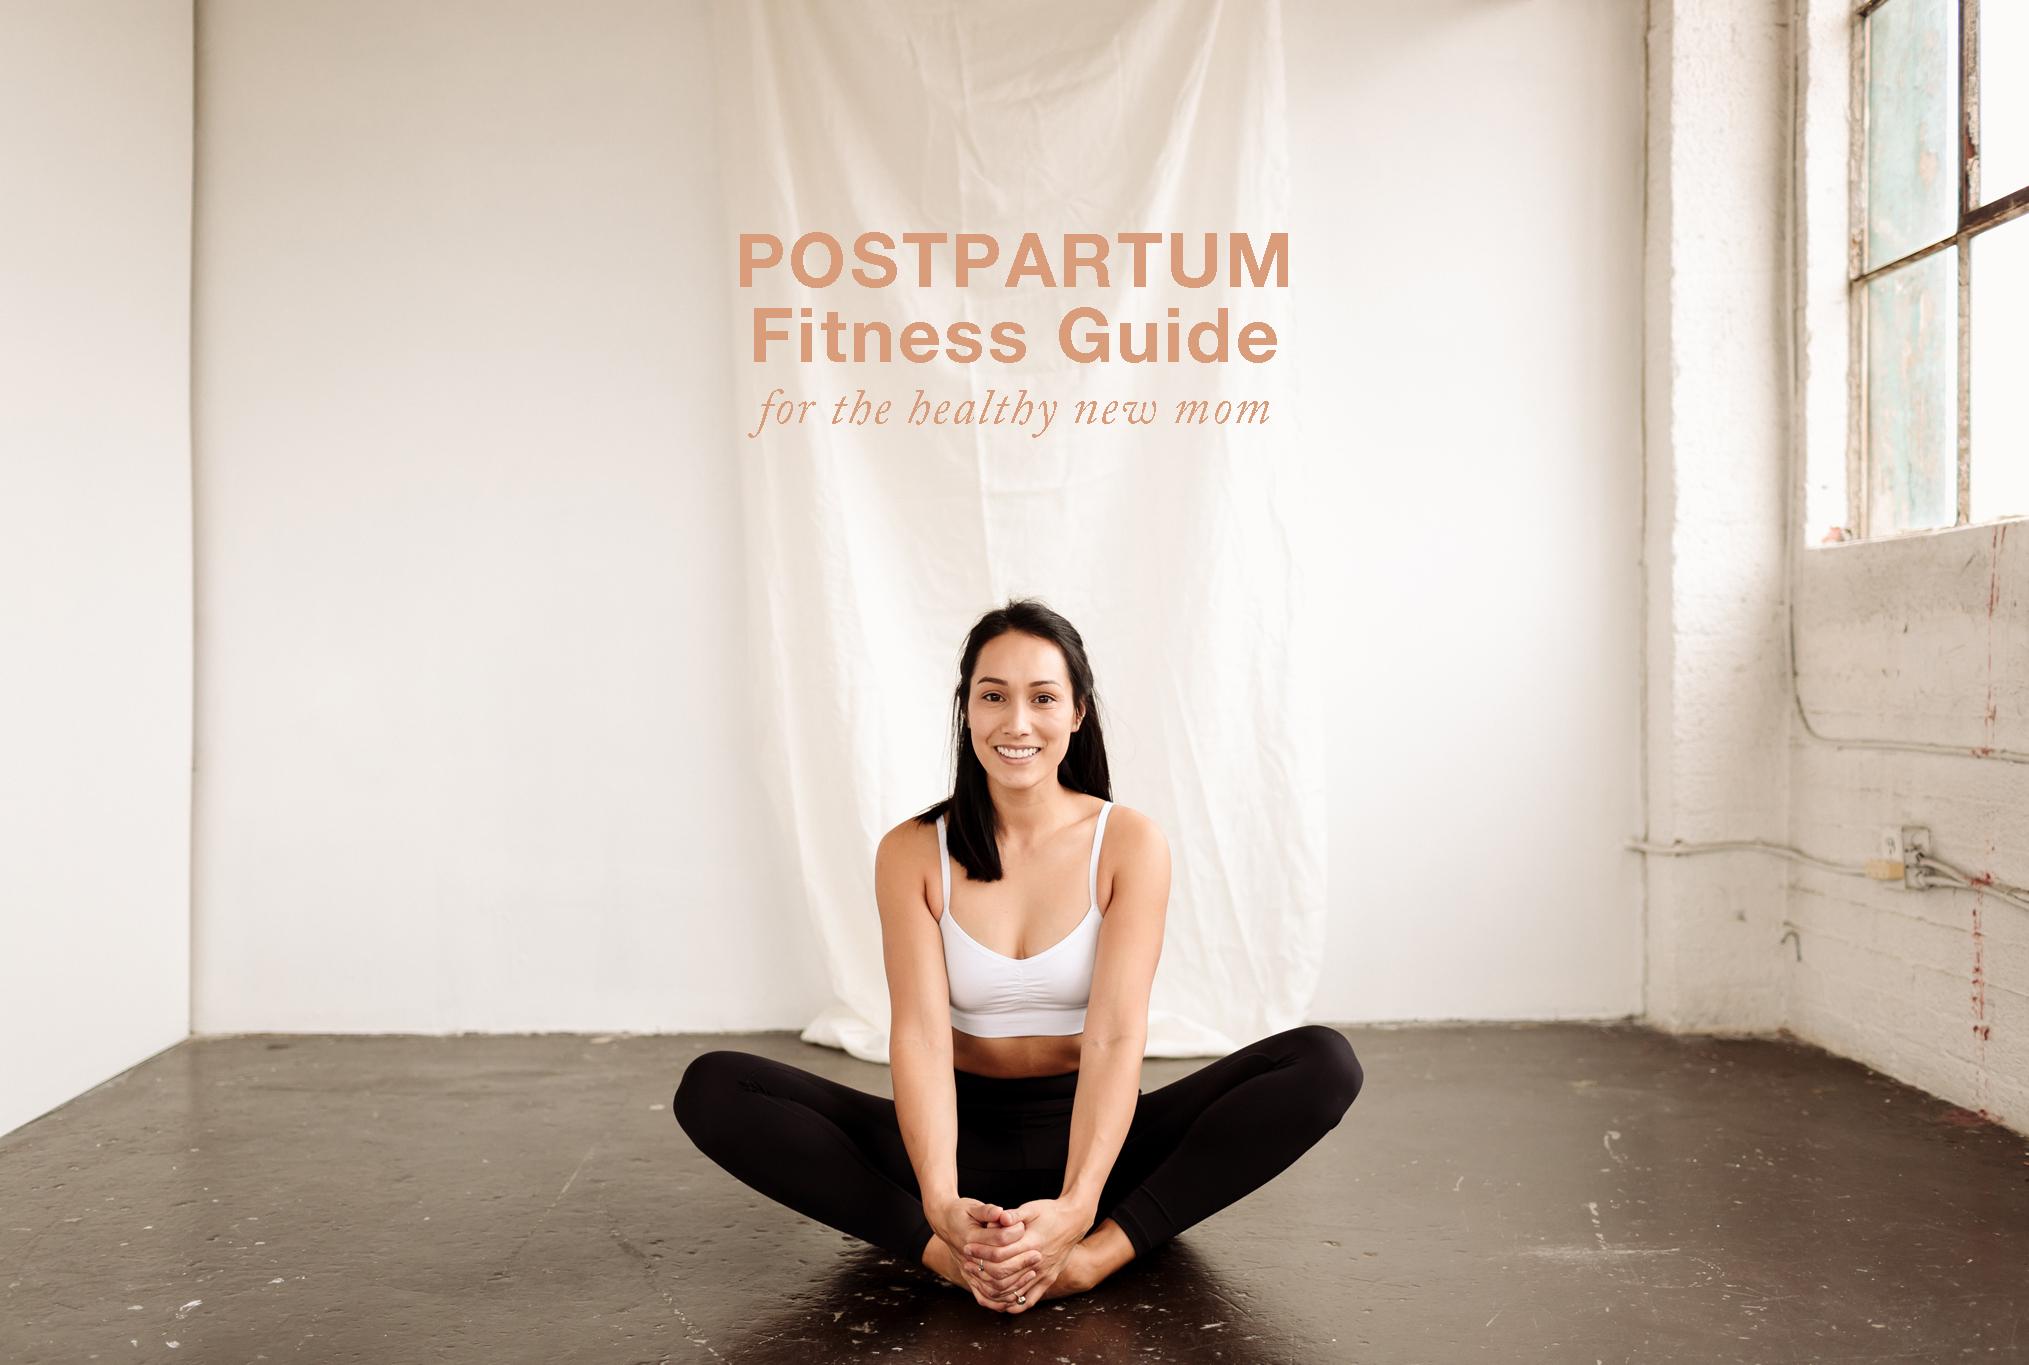 Postpartum-Fitness-Guide.jpg